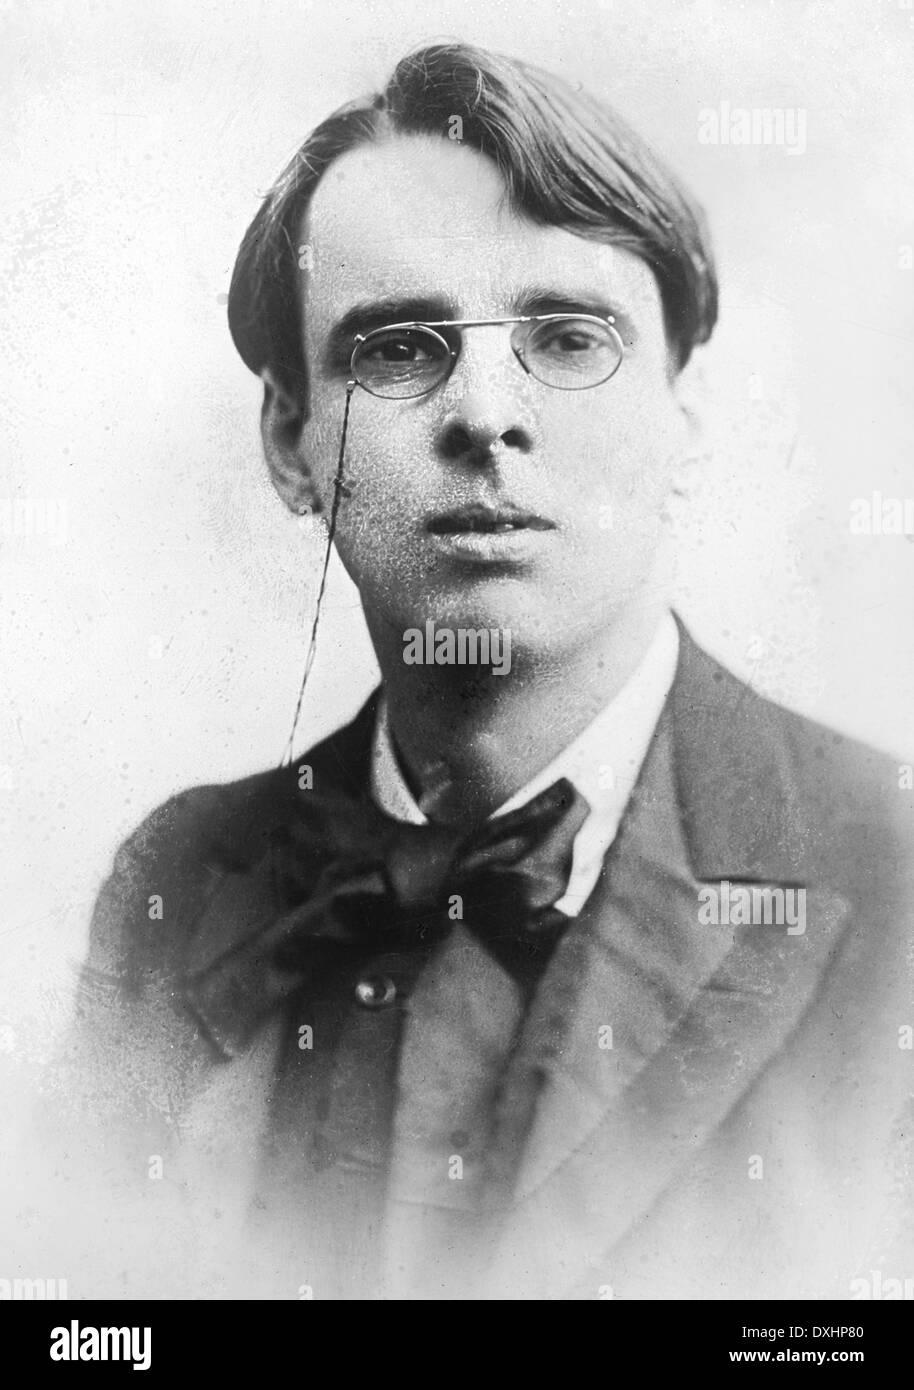 W.B. YEATS (1865-1939), poeta irlandés alrededor de 1900 Imagen De Stock